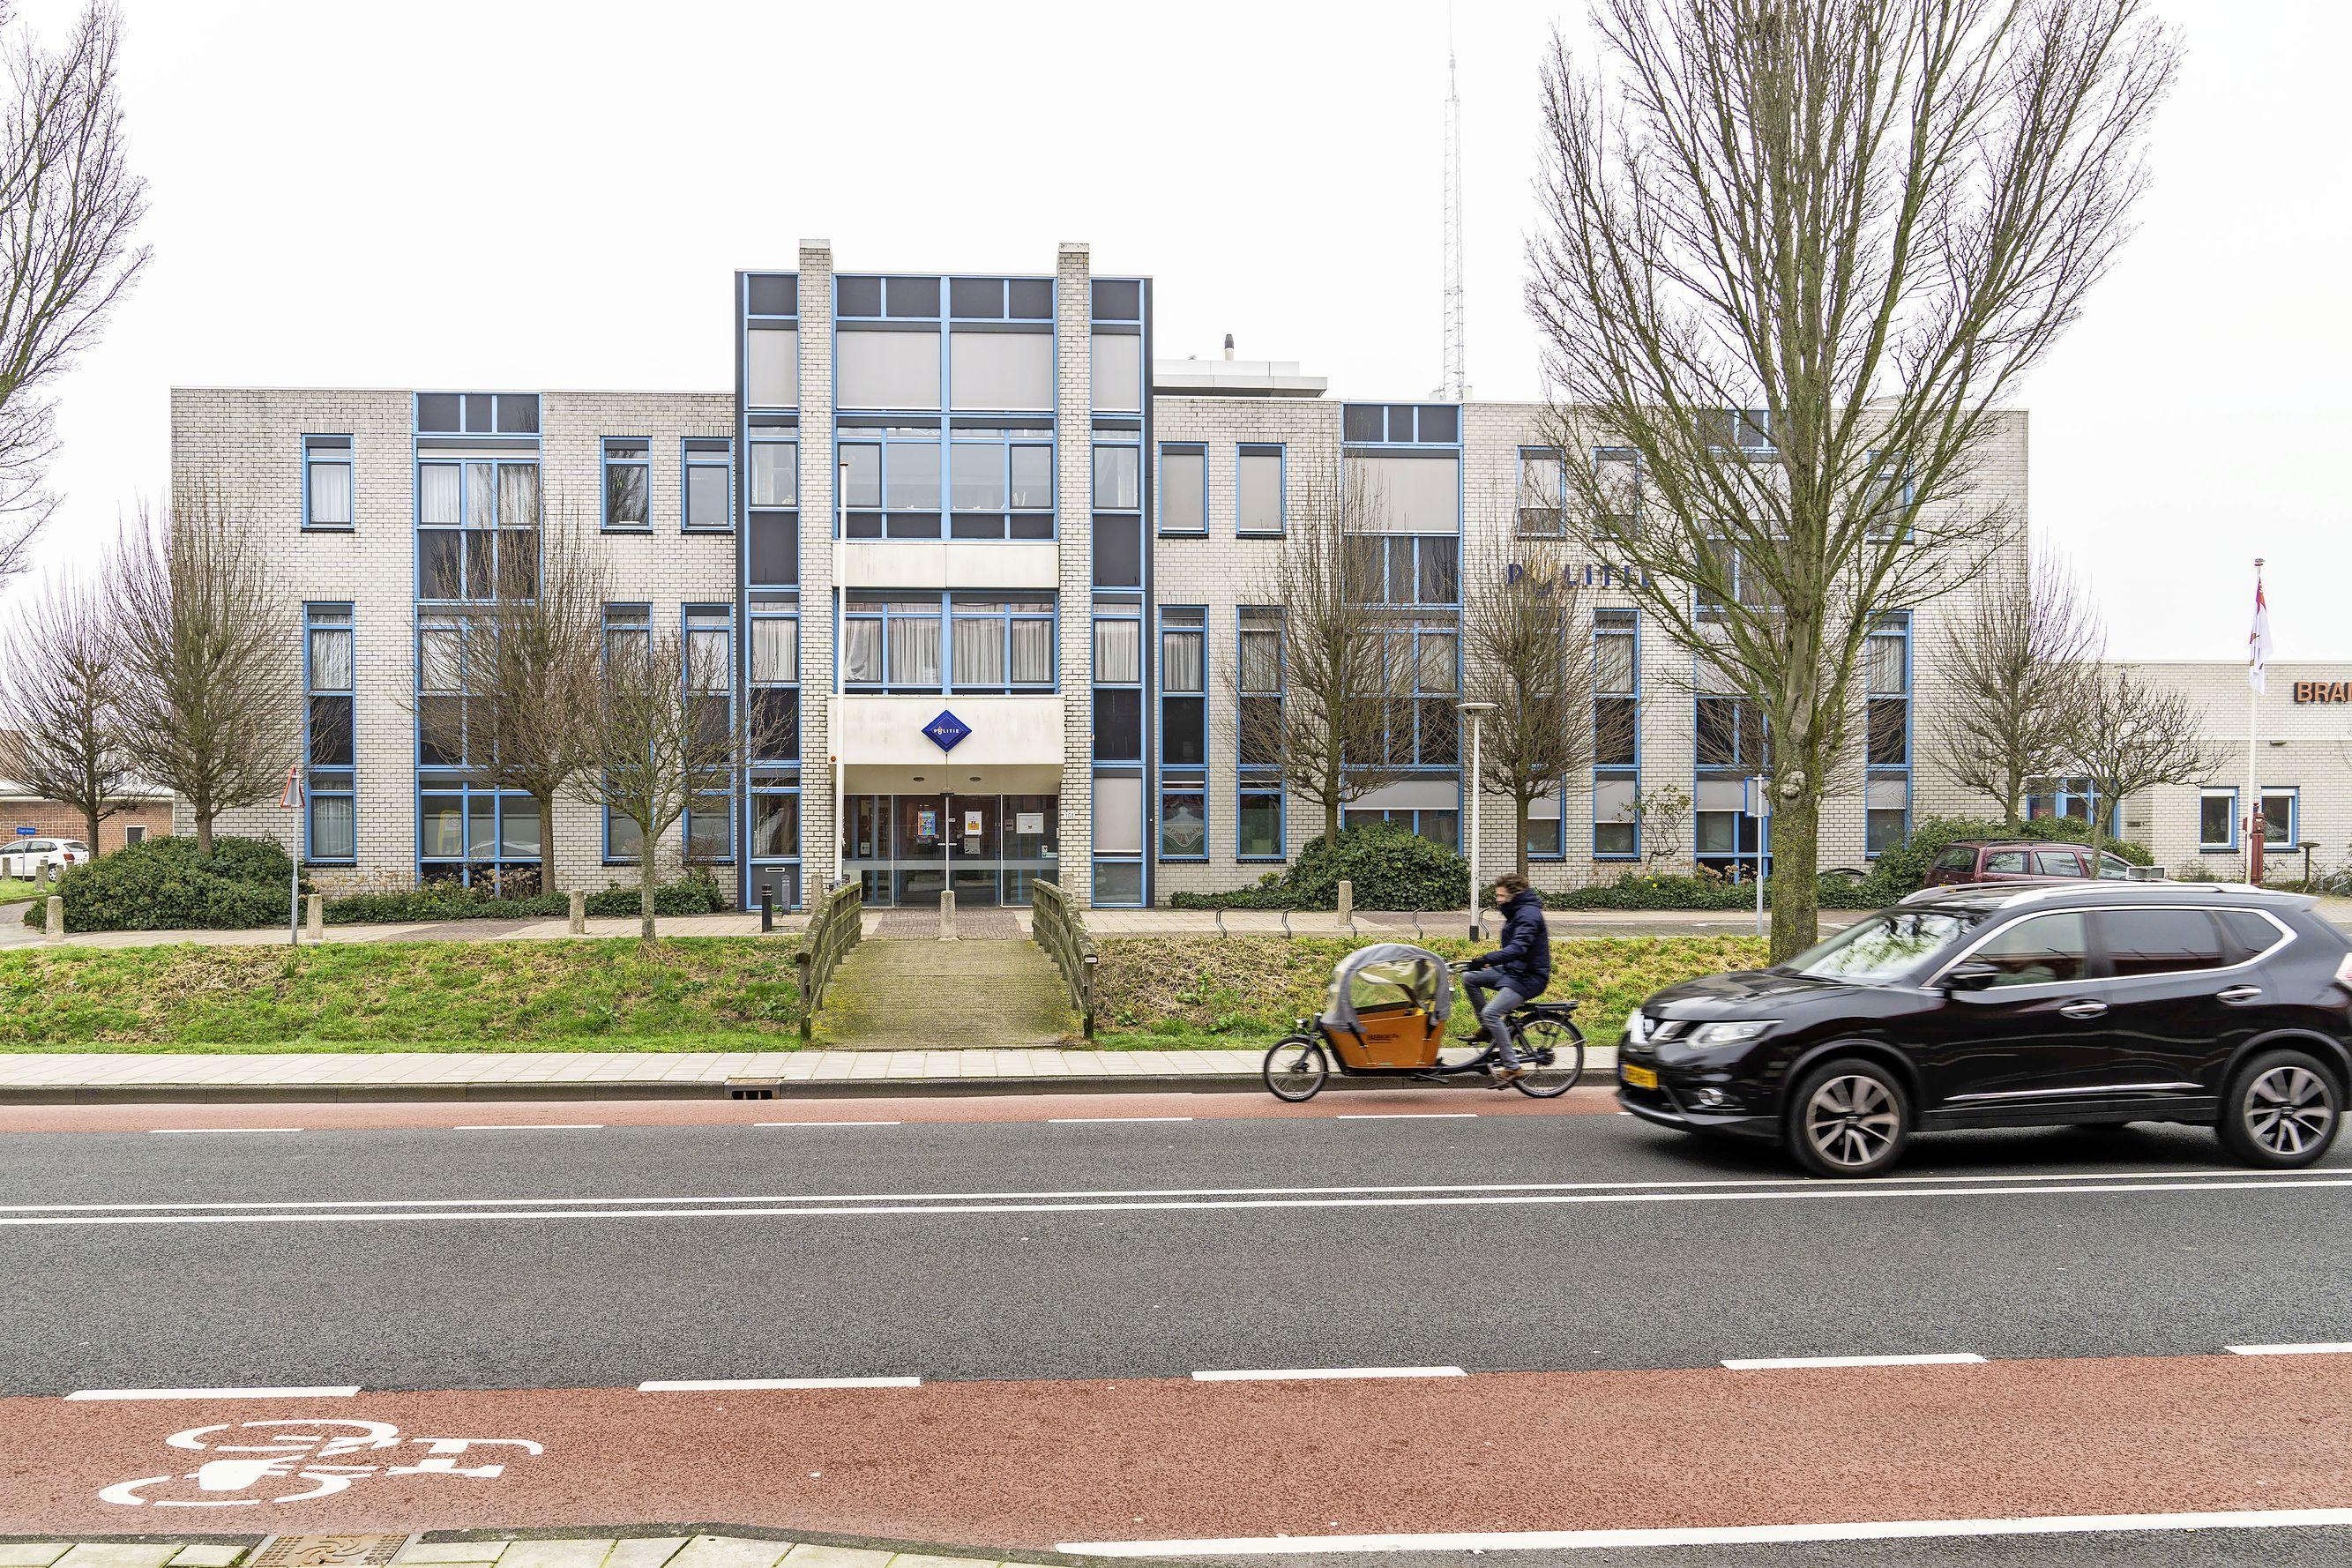 Steun voor aankoop politiebureau Noordwijk ondanks verdwenen bonnetjes